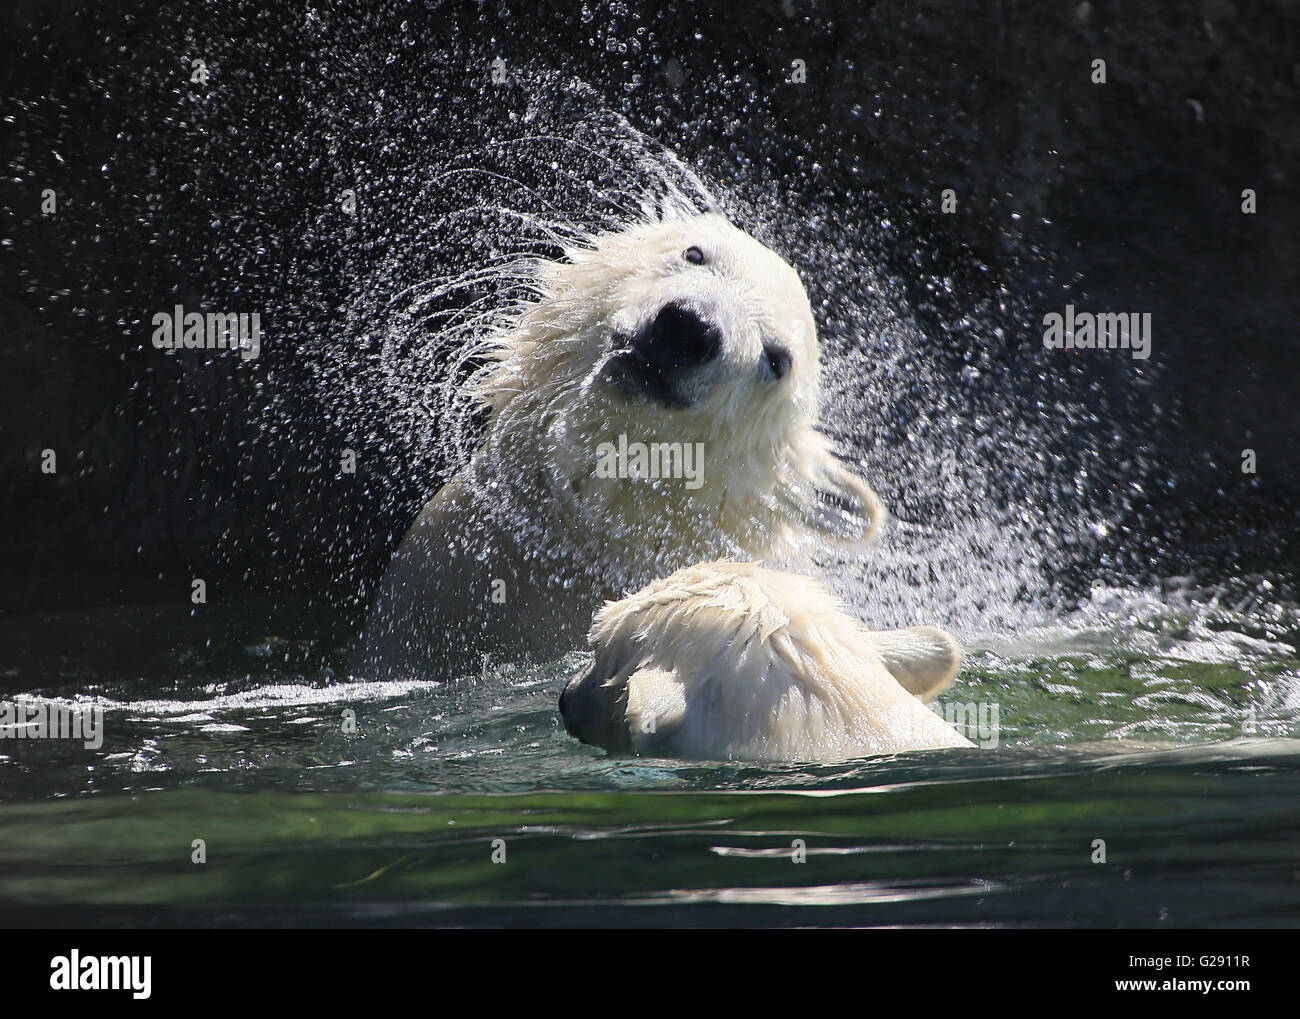 Cachorro de oso polar (Ursus maritimus) se sacude el exceso de agua de su pelaje, creando un remolino de gotas de Imagen De Stock